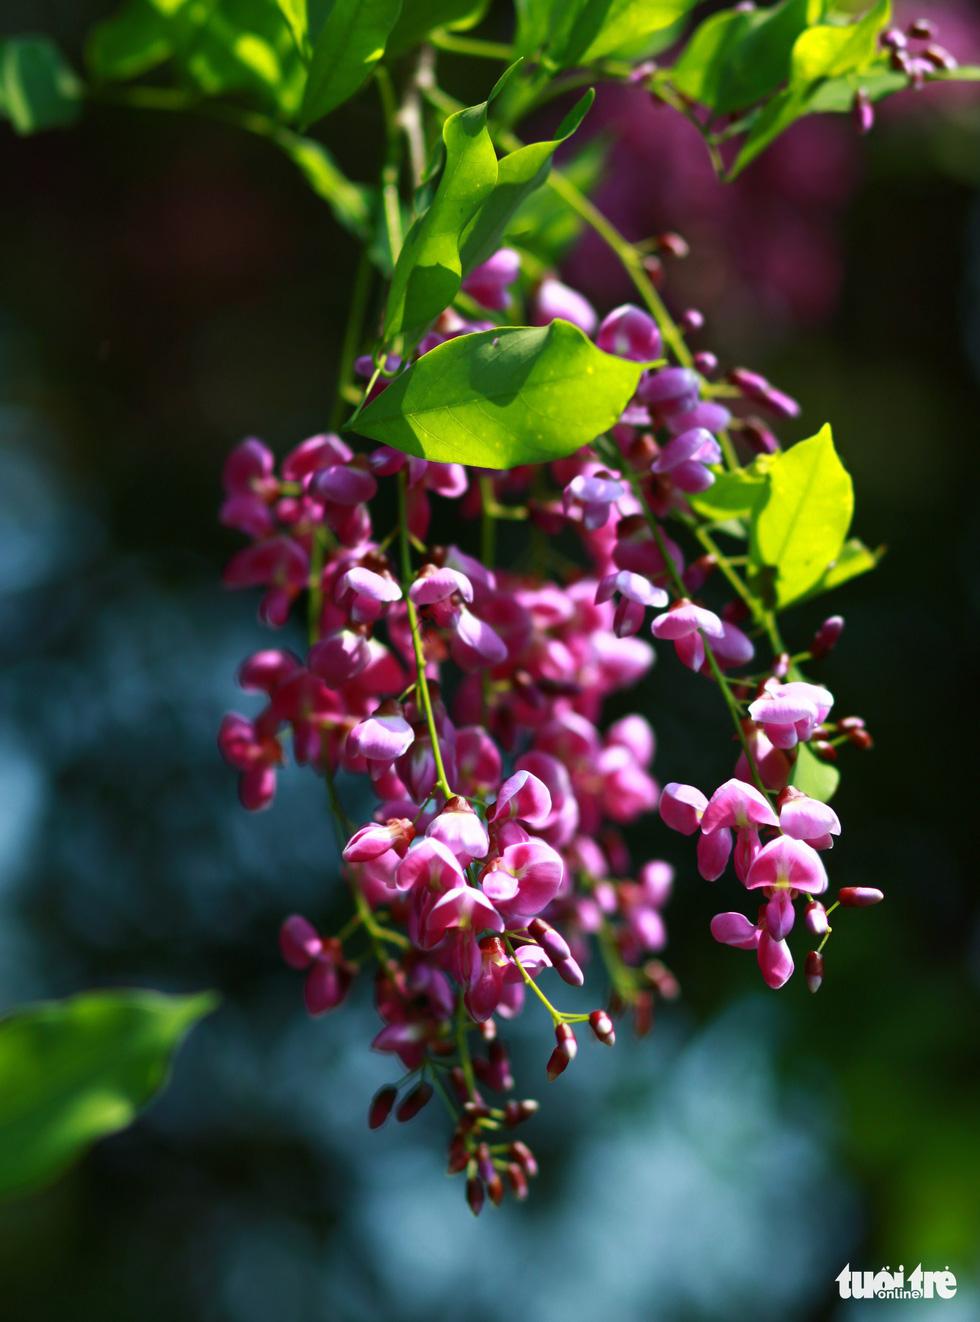 Chùm hoa thàn mát lung linh trong nắng - Ảnh: TẤN LỰC